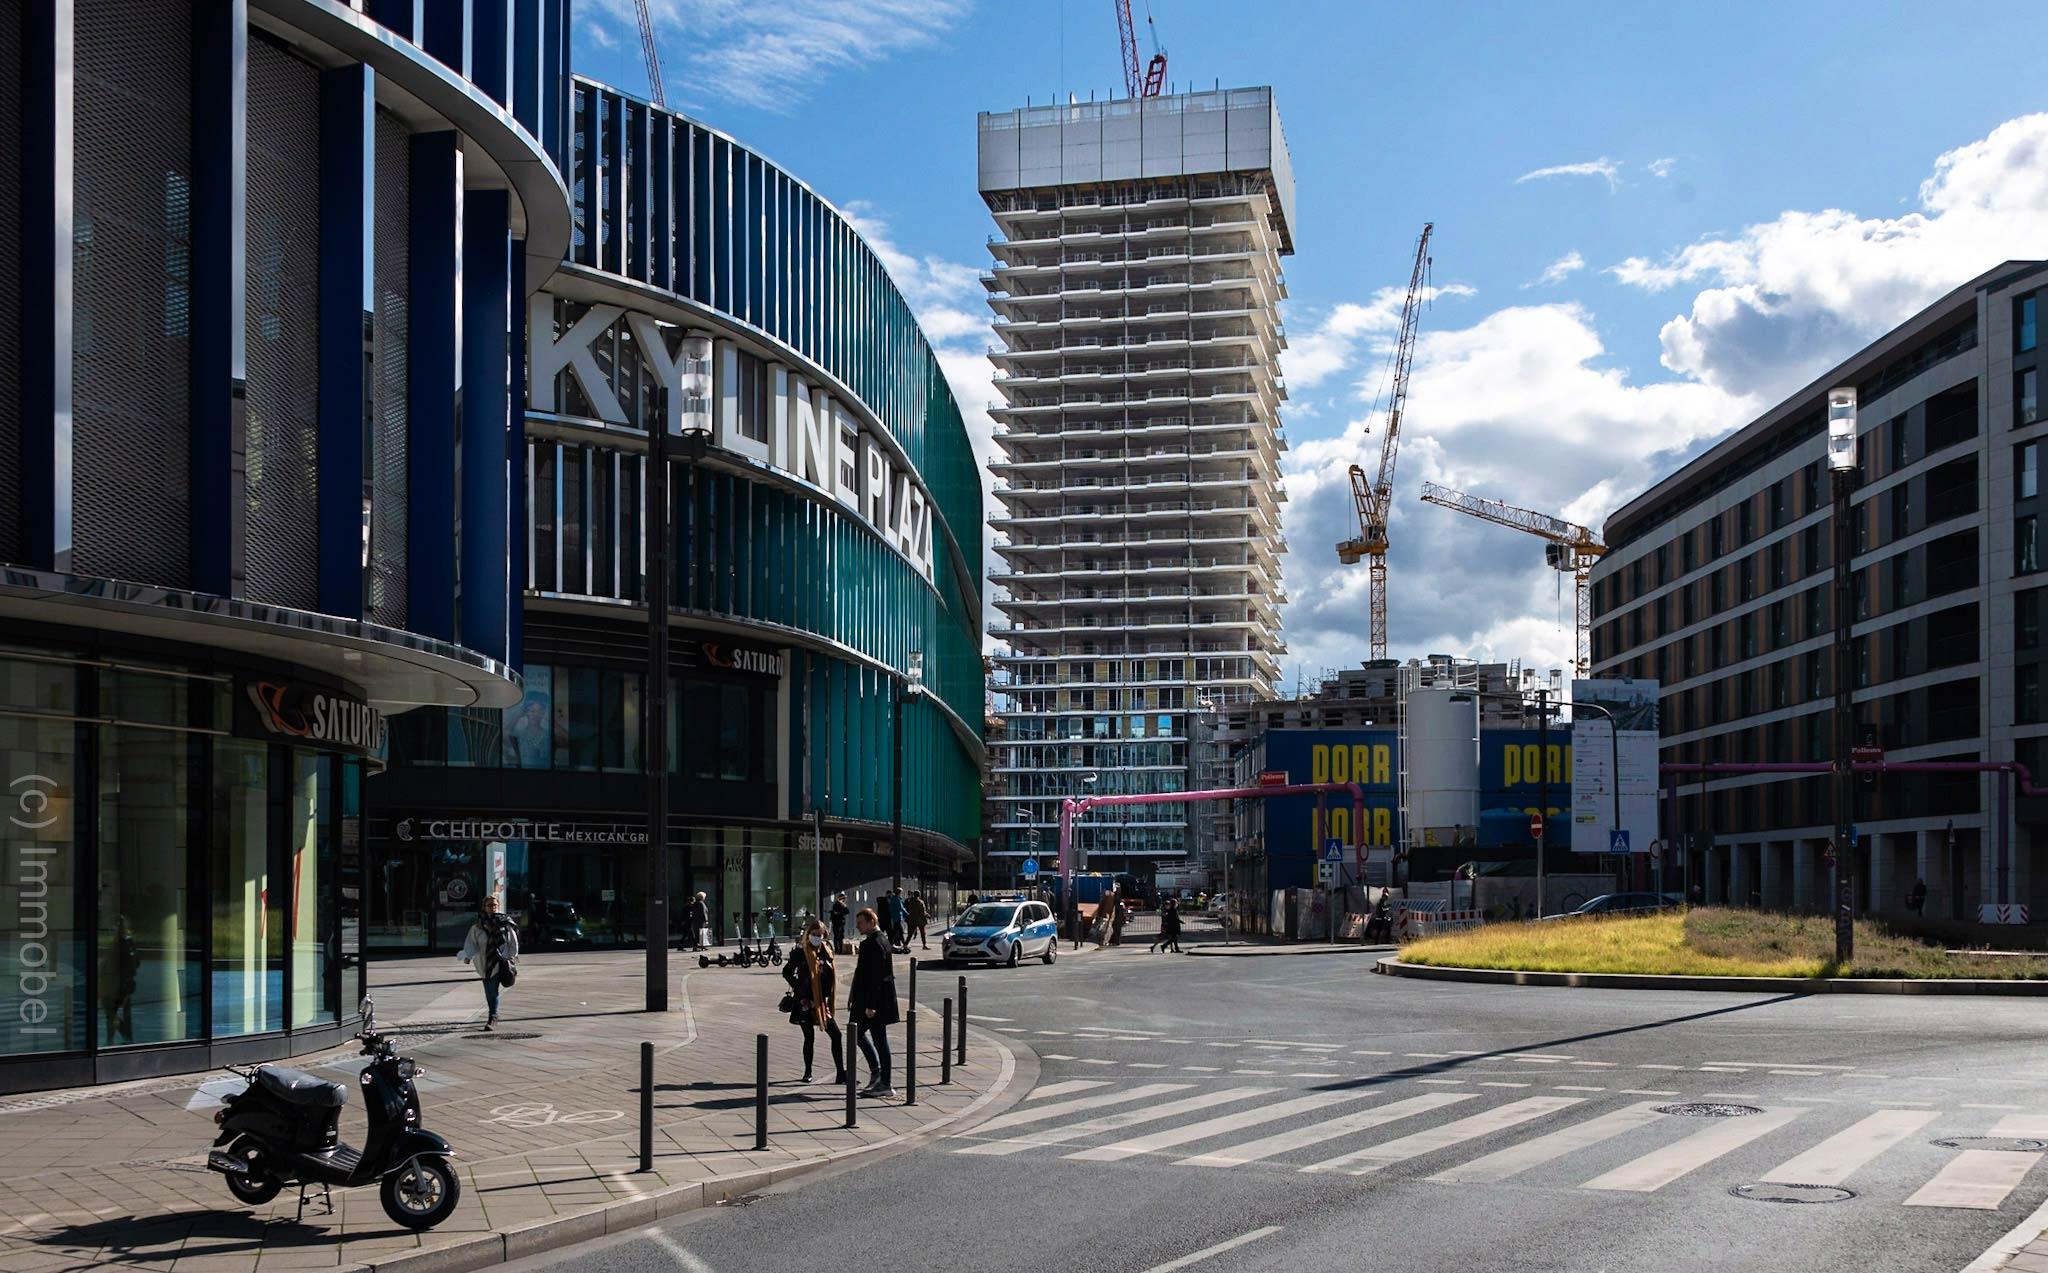 Eden Tower Frankfurt - Baustelle Oktober 2020 - Richtfest - Ökologisches Hochhaus - Neubau Frankfurt